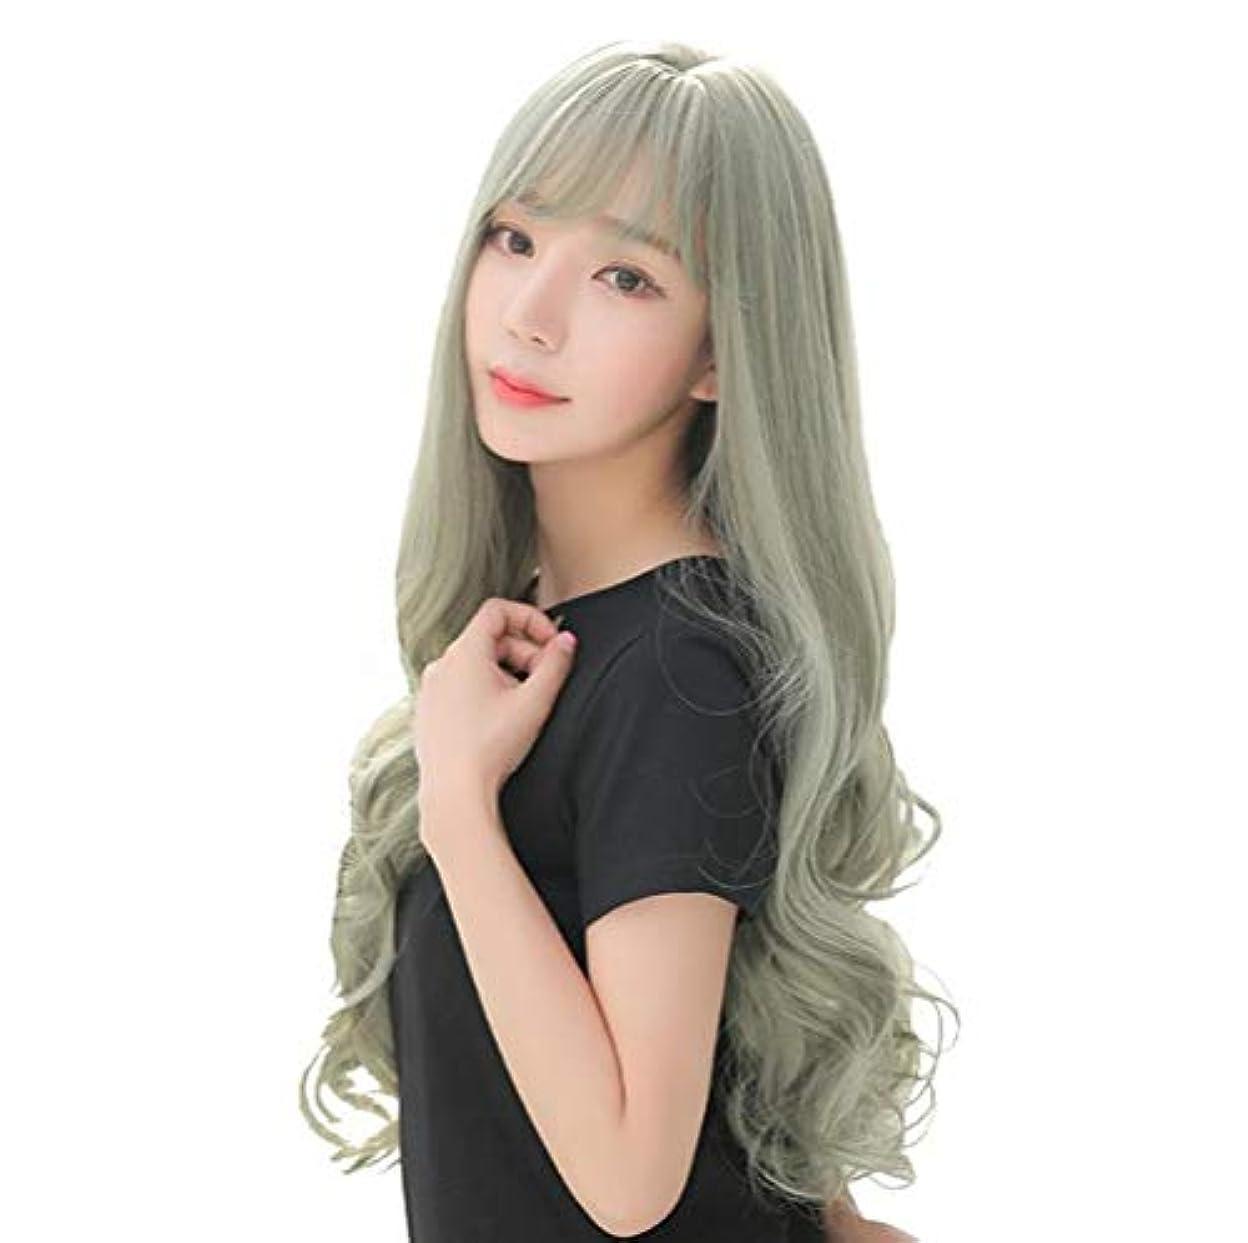 放課後麻痺させるエンターテインメントかつら女性アッシュグリーン高温シルク長い巻き毛ビッグウェーブ空気前髪 LH2203 (アッシュグリーン)